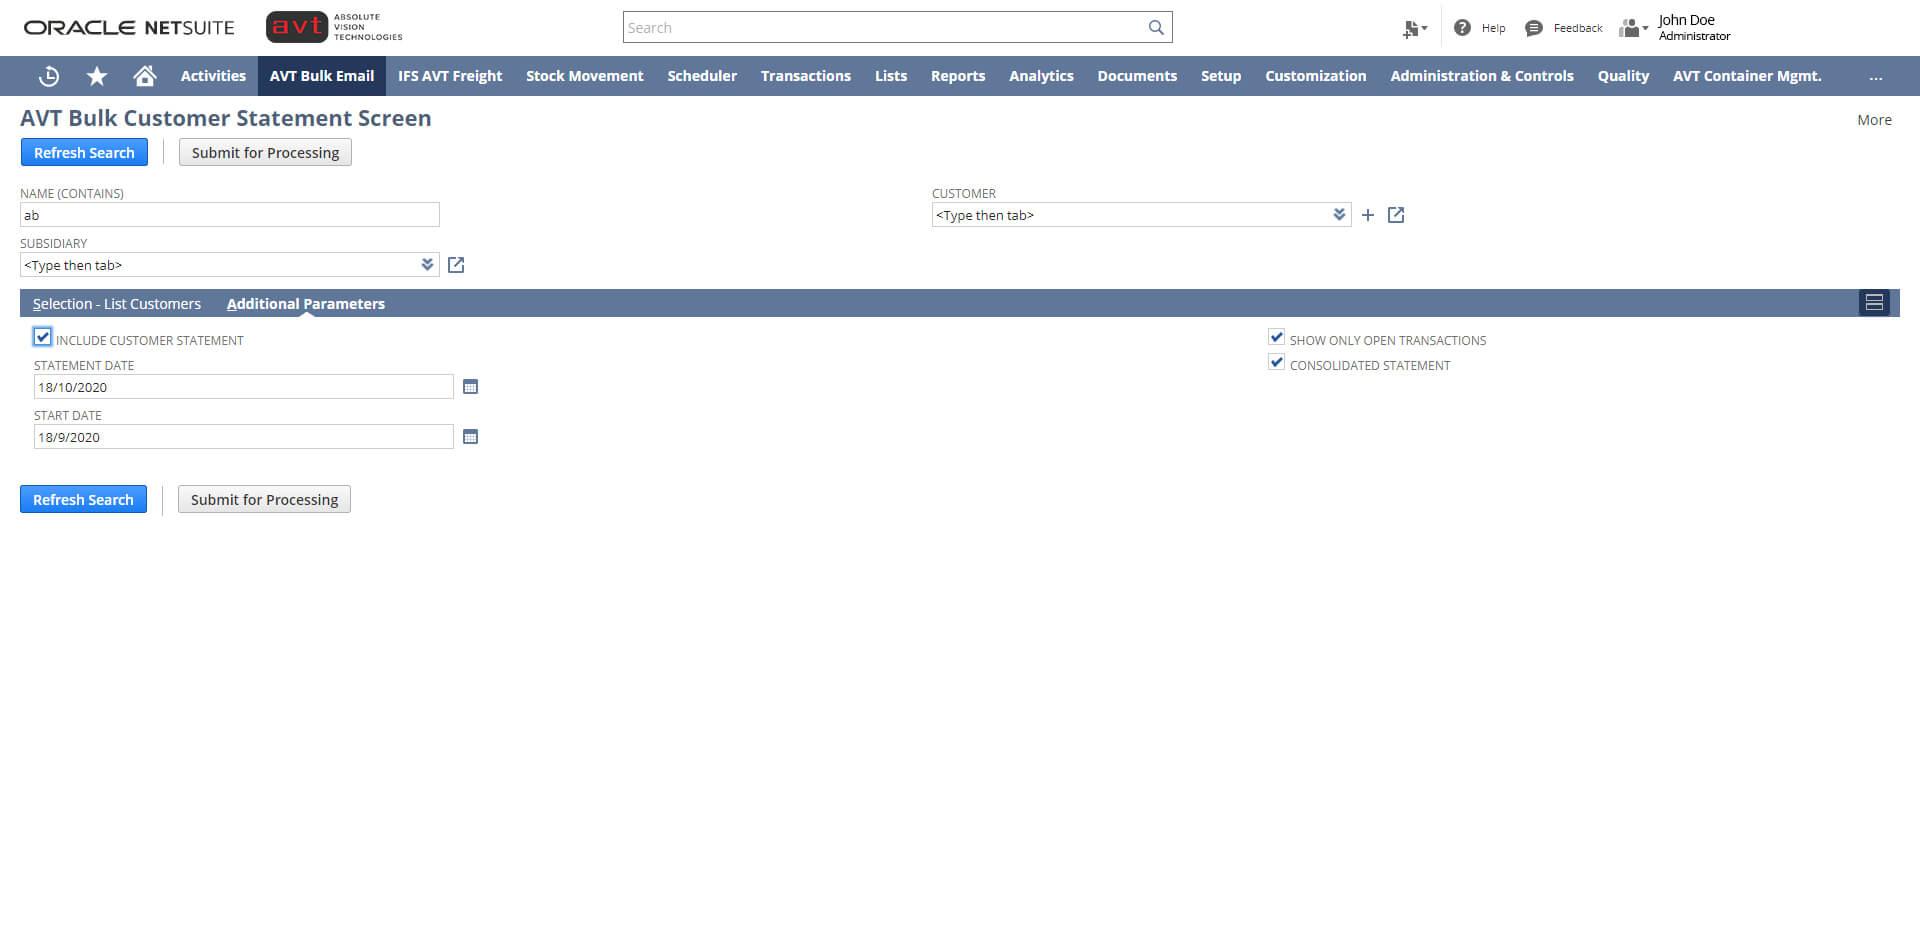 AVT Bulk Invoicing App - Screen 2